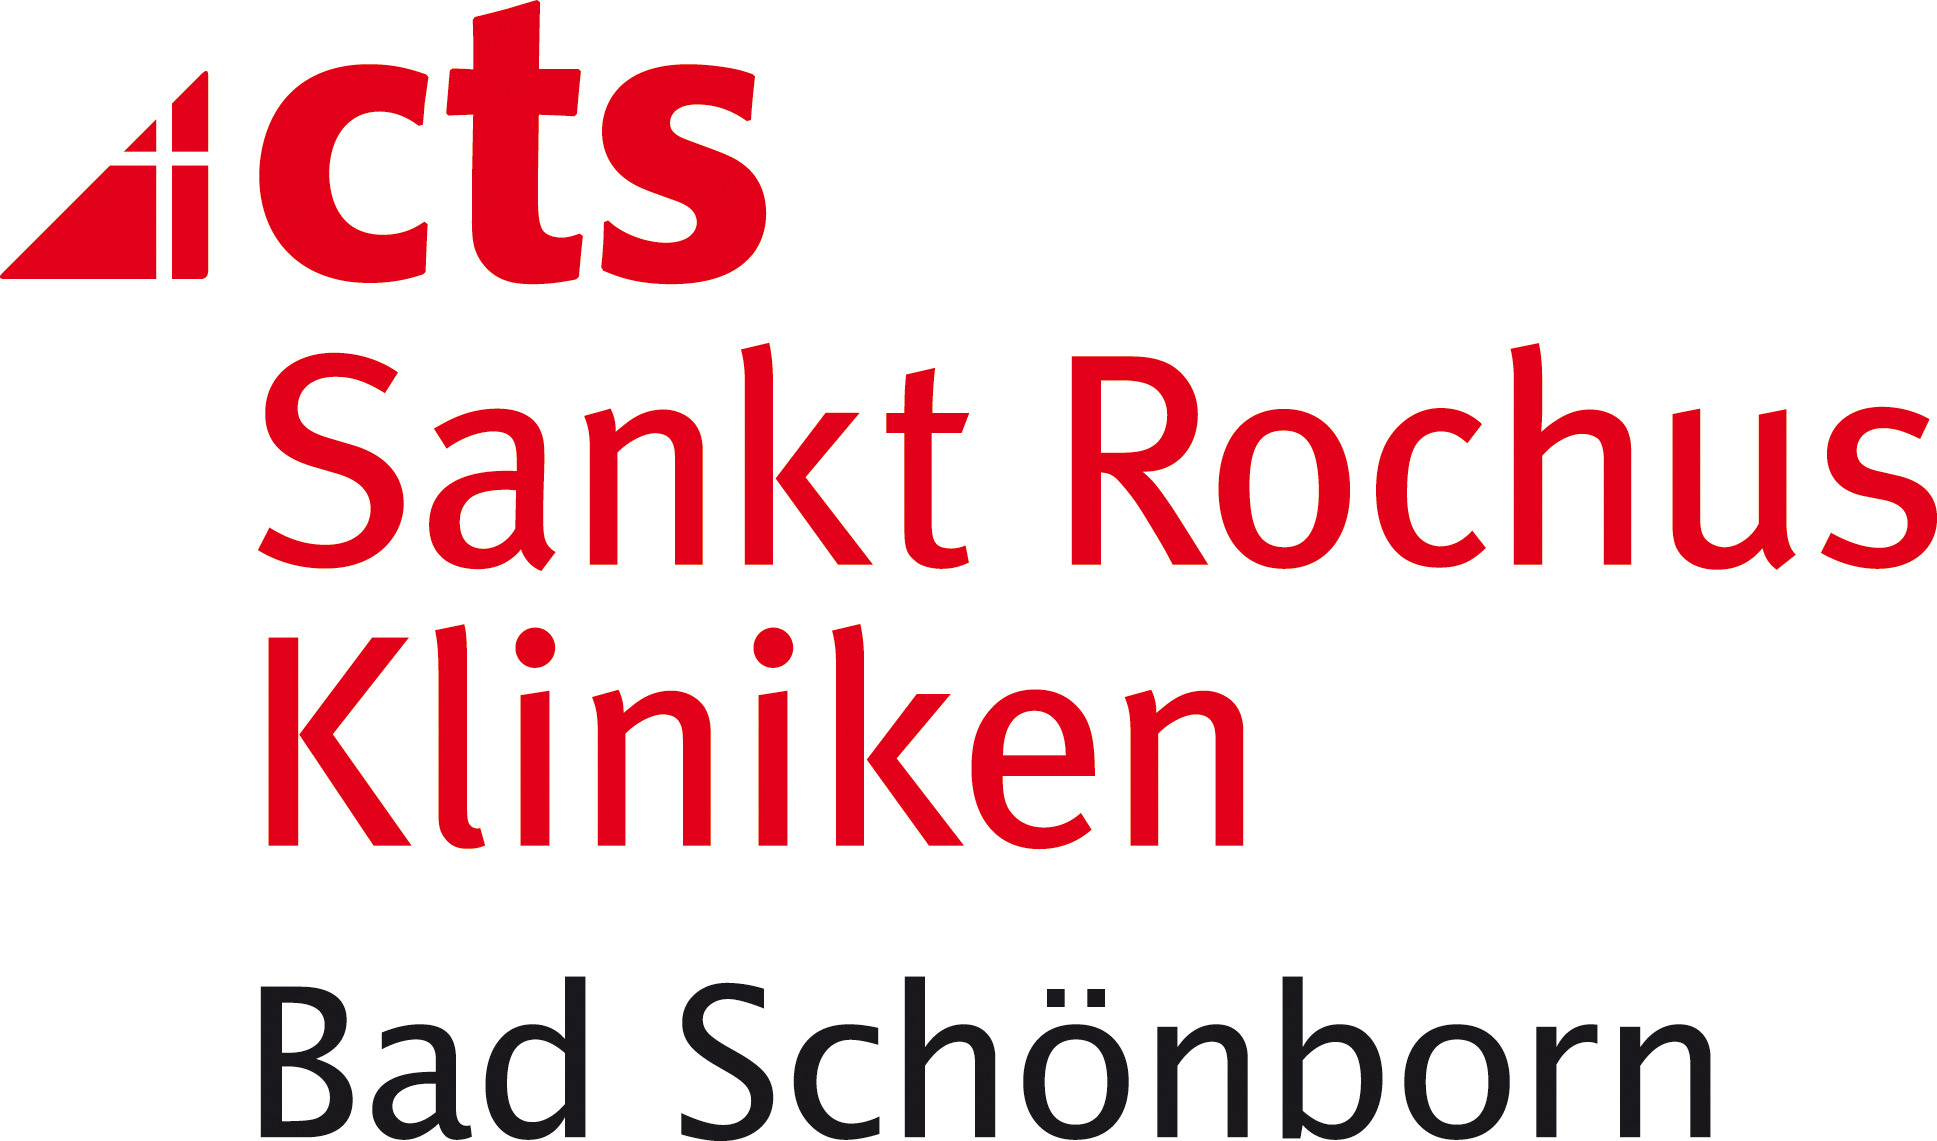 Cts Sankt Rochus Kliniken Klein